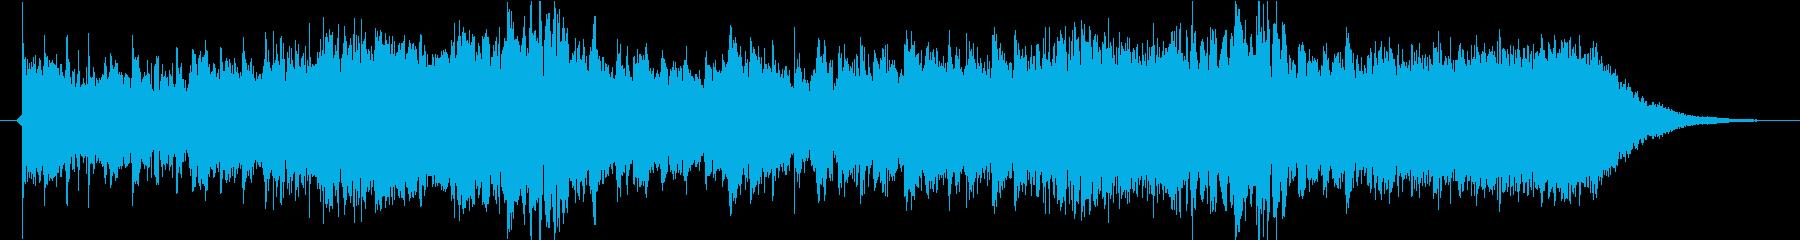 ハロウィンをイメージした怖かわいいBGMの再生済みの波形